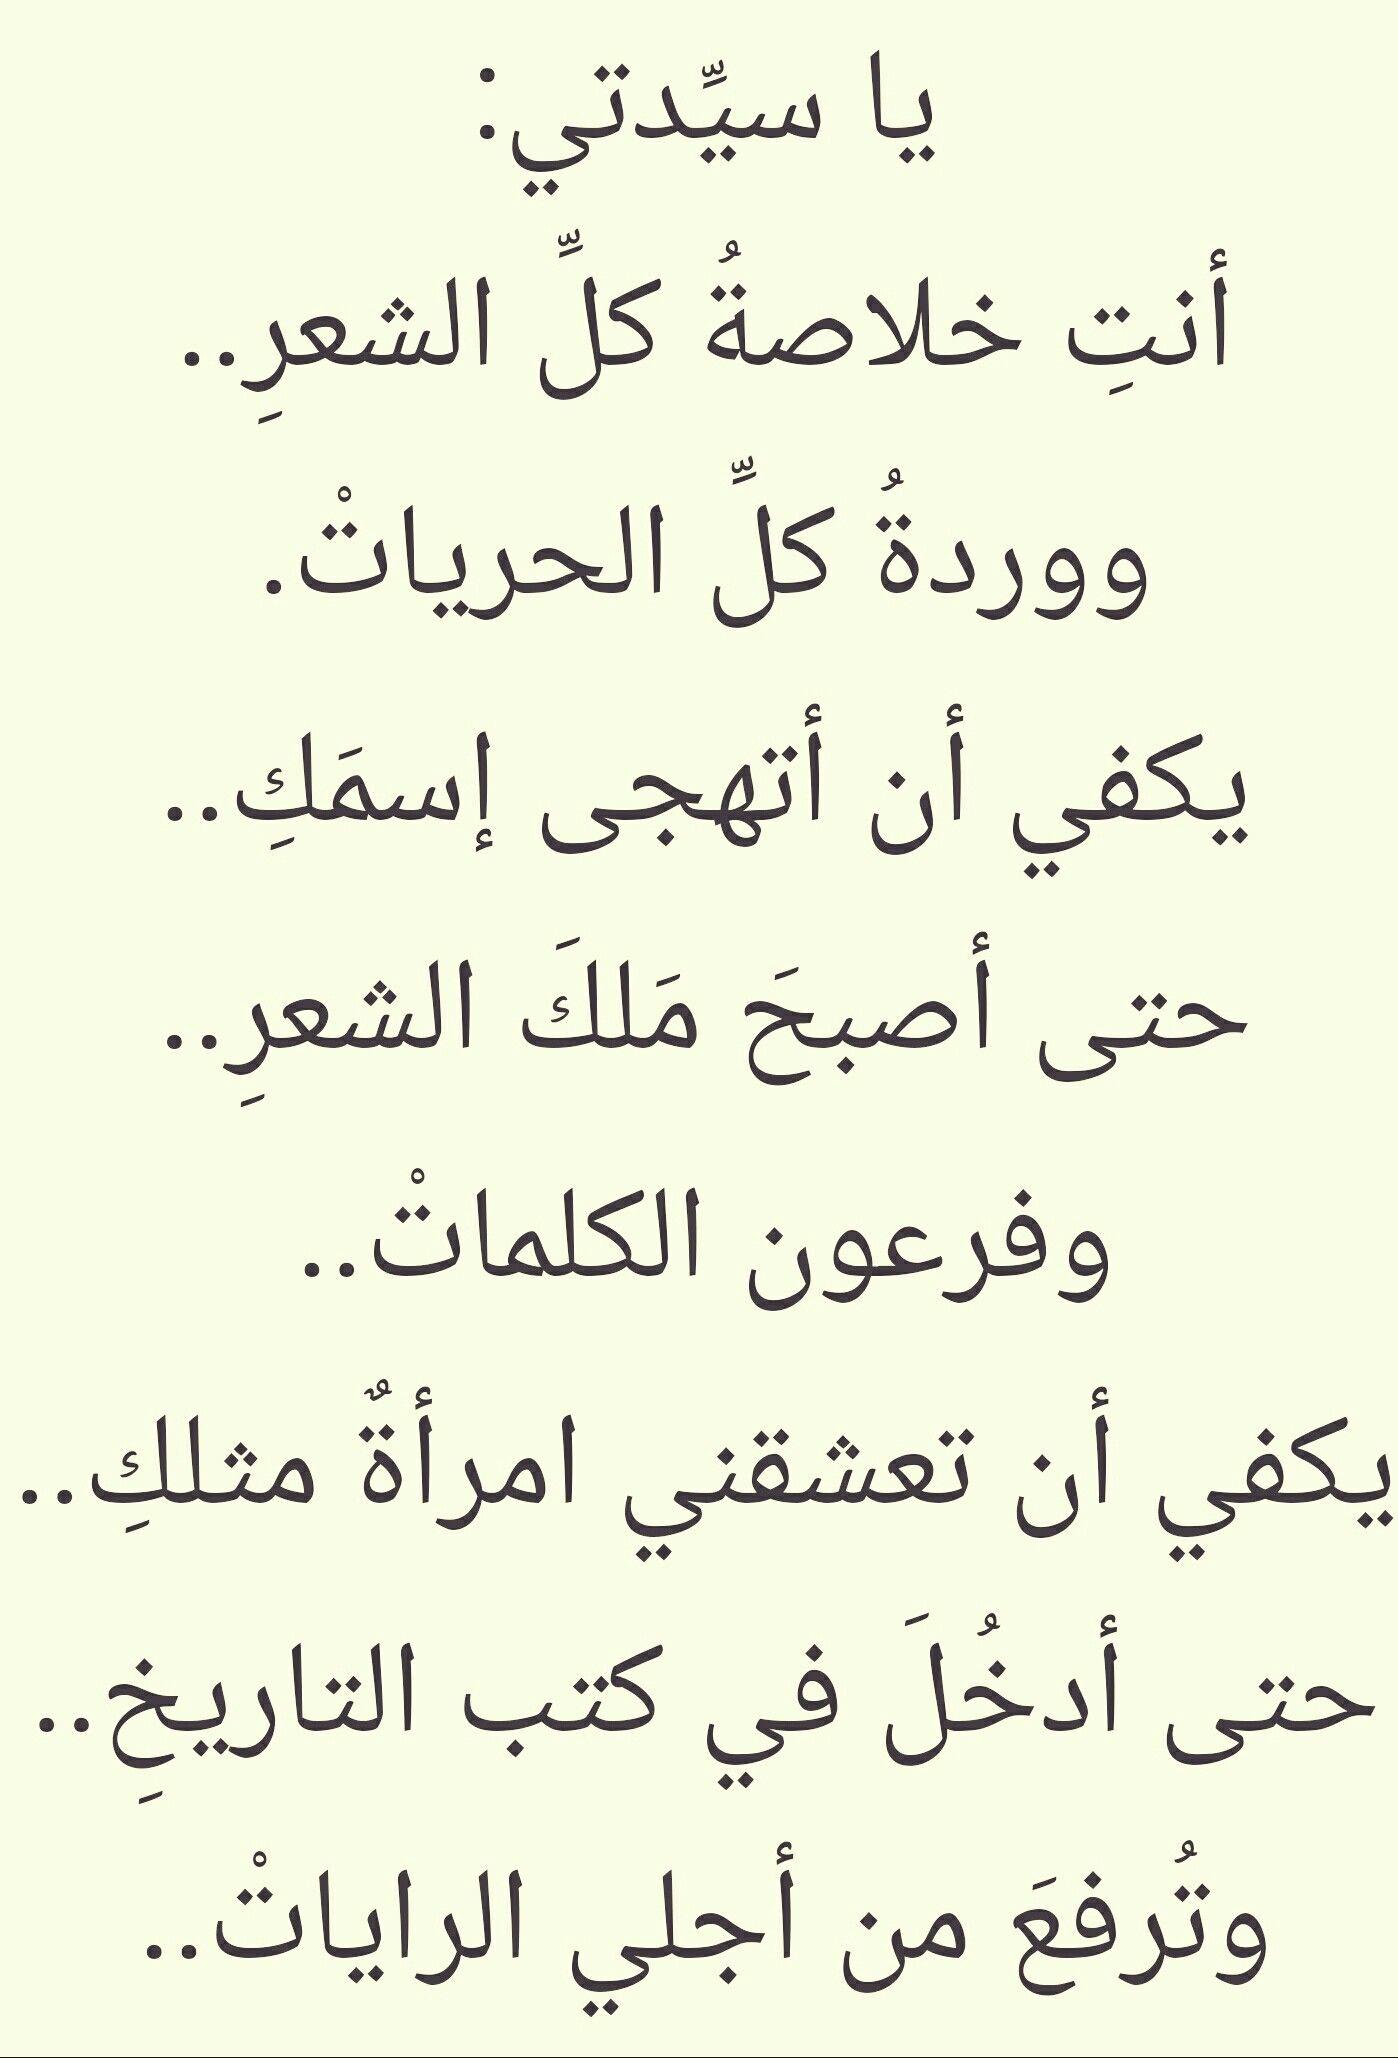 بالصور شعر حب وشوق , اجمل القصائد الشعرية في الحب 3281 8